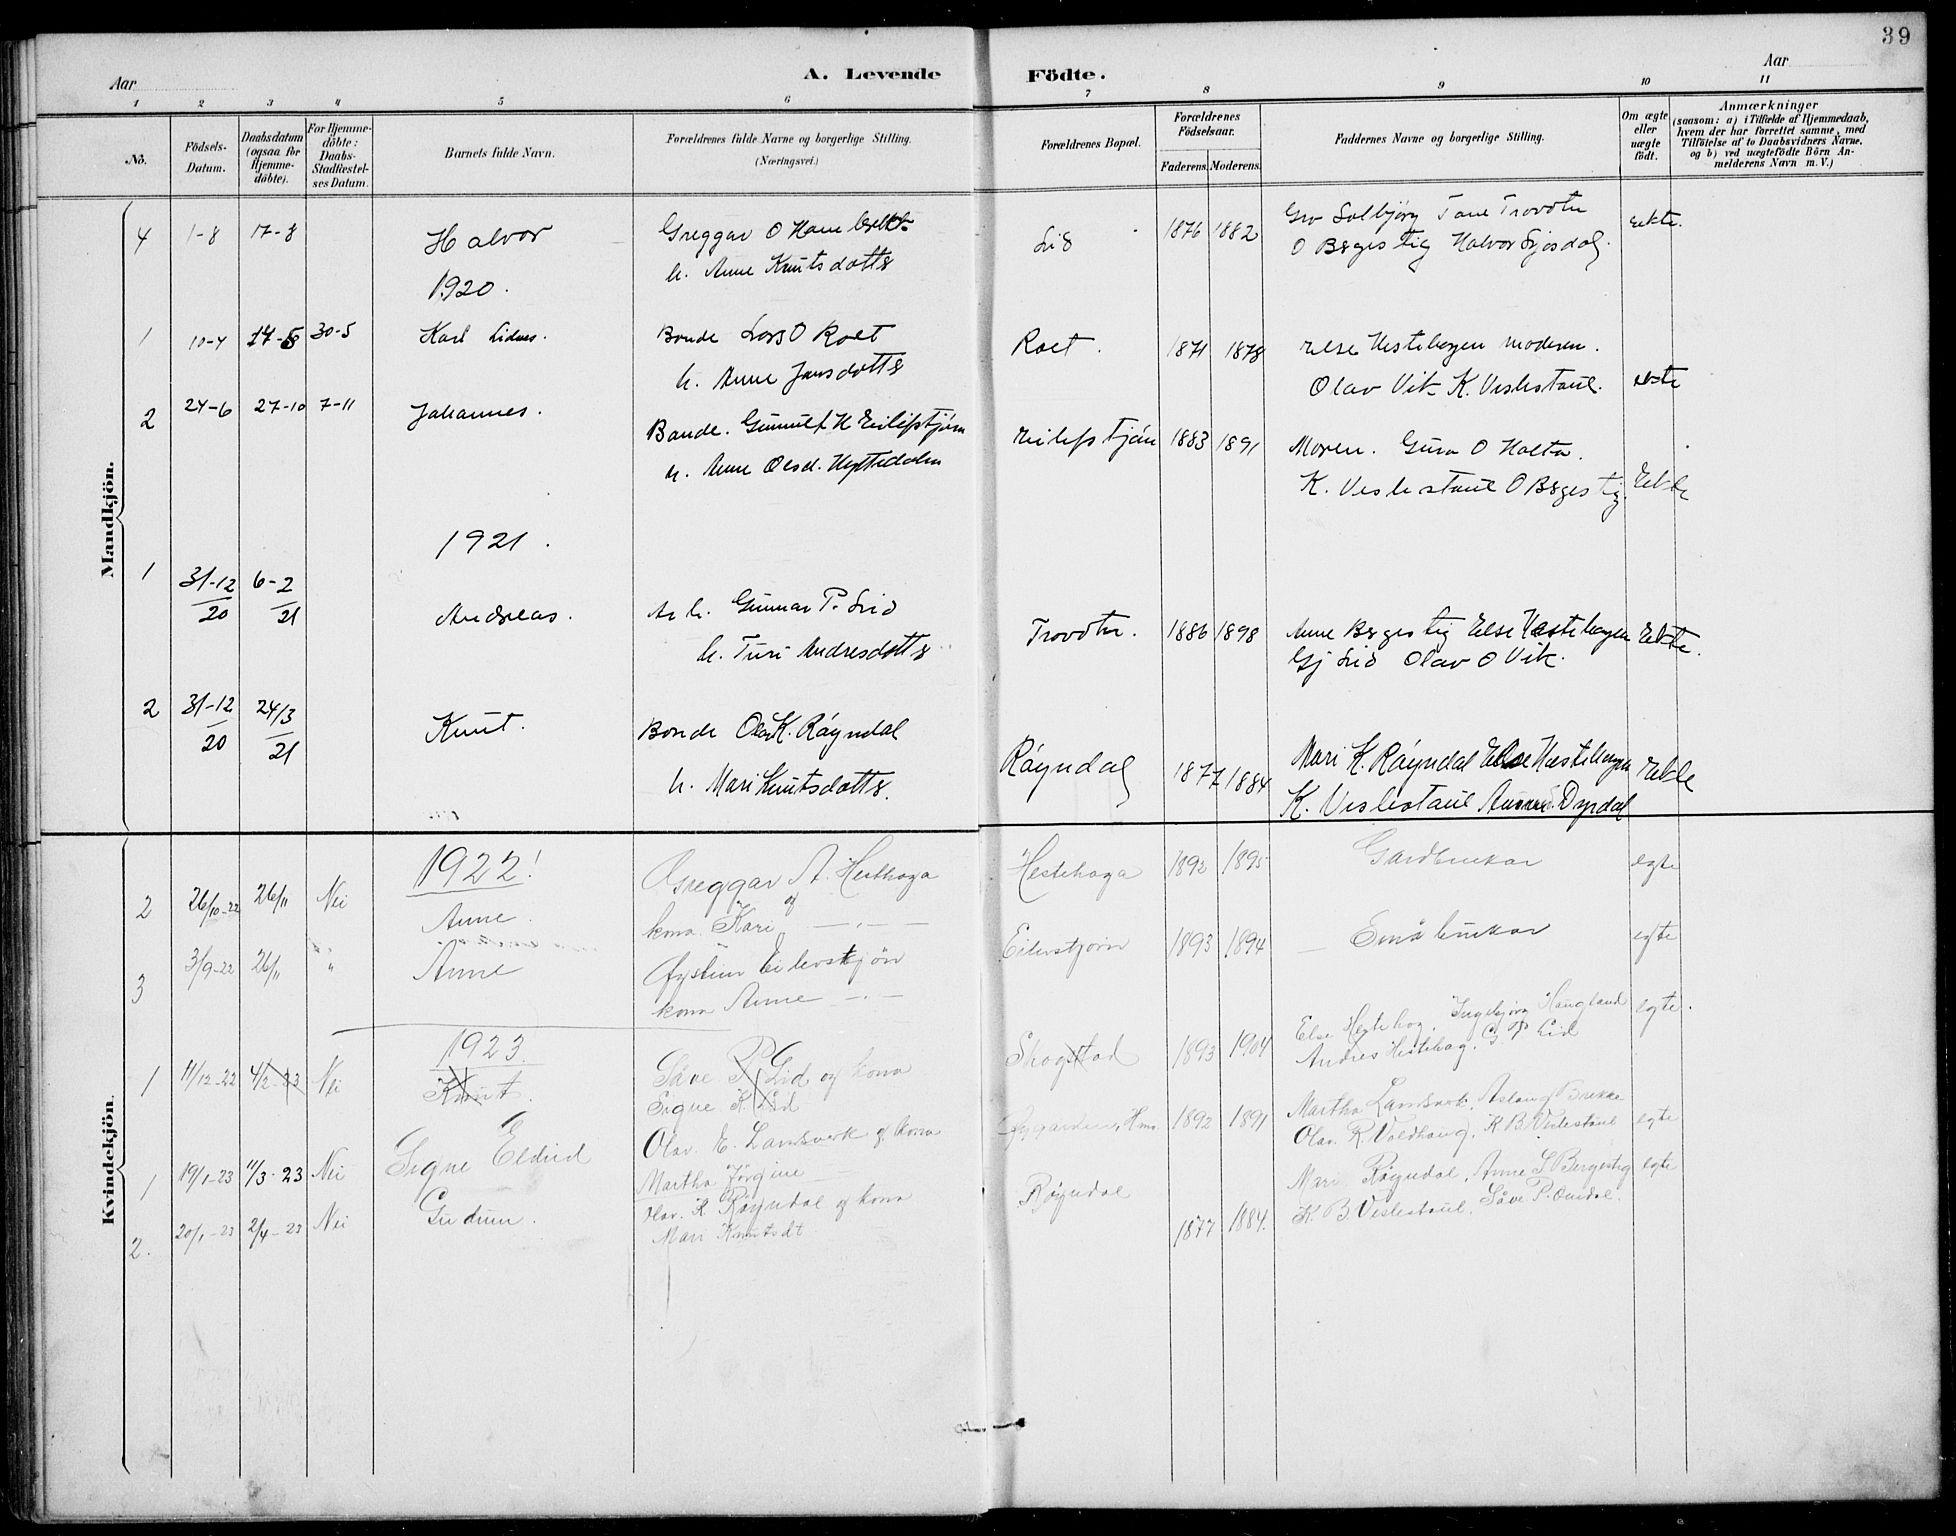 SAKO, Rauland kirkebøker, G/Gb/L0002: Klokkerbok nr. II 2, 1887-1937, s. 39